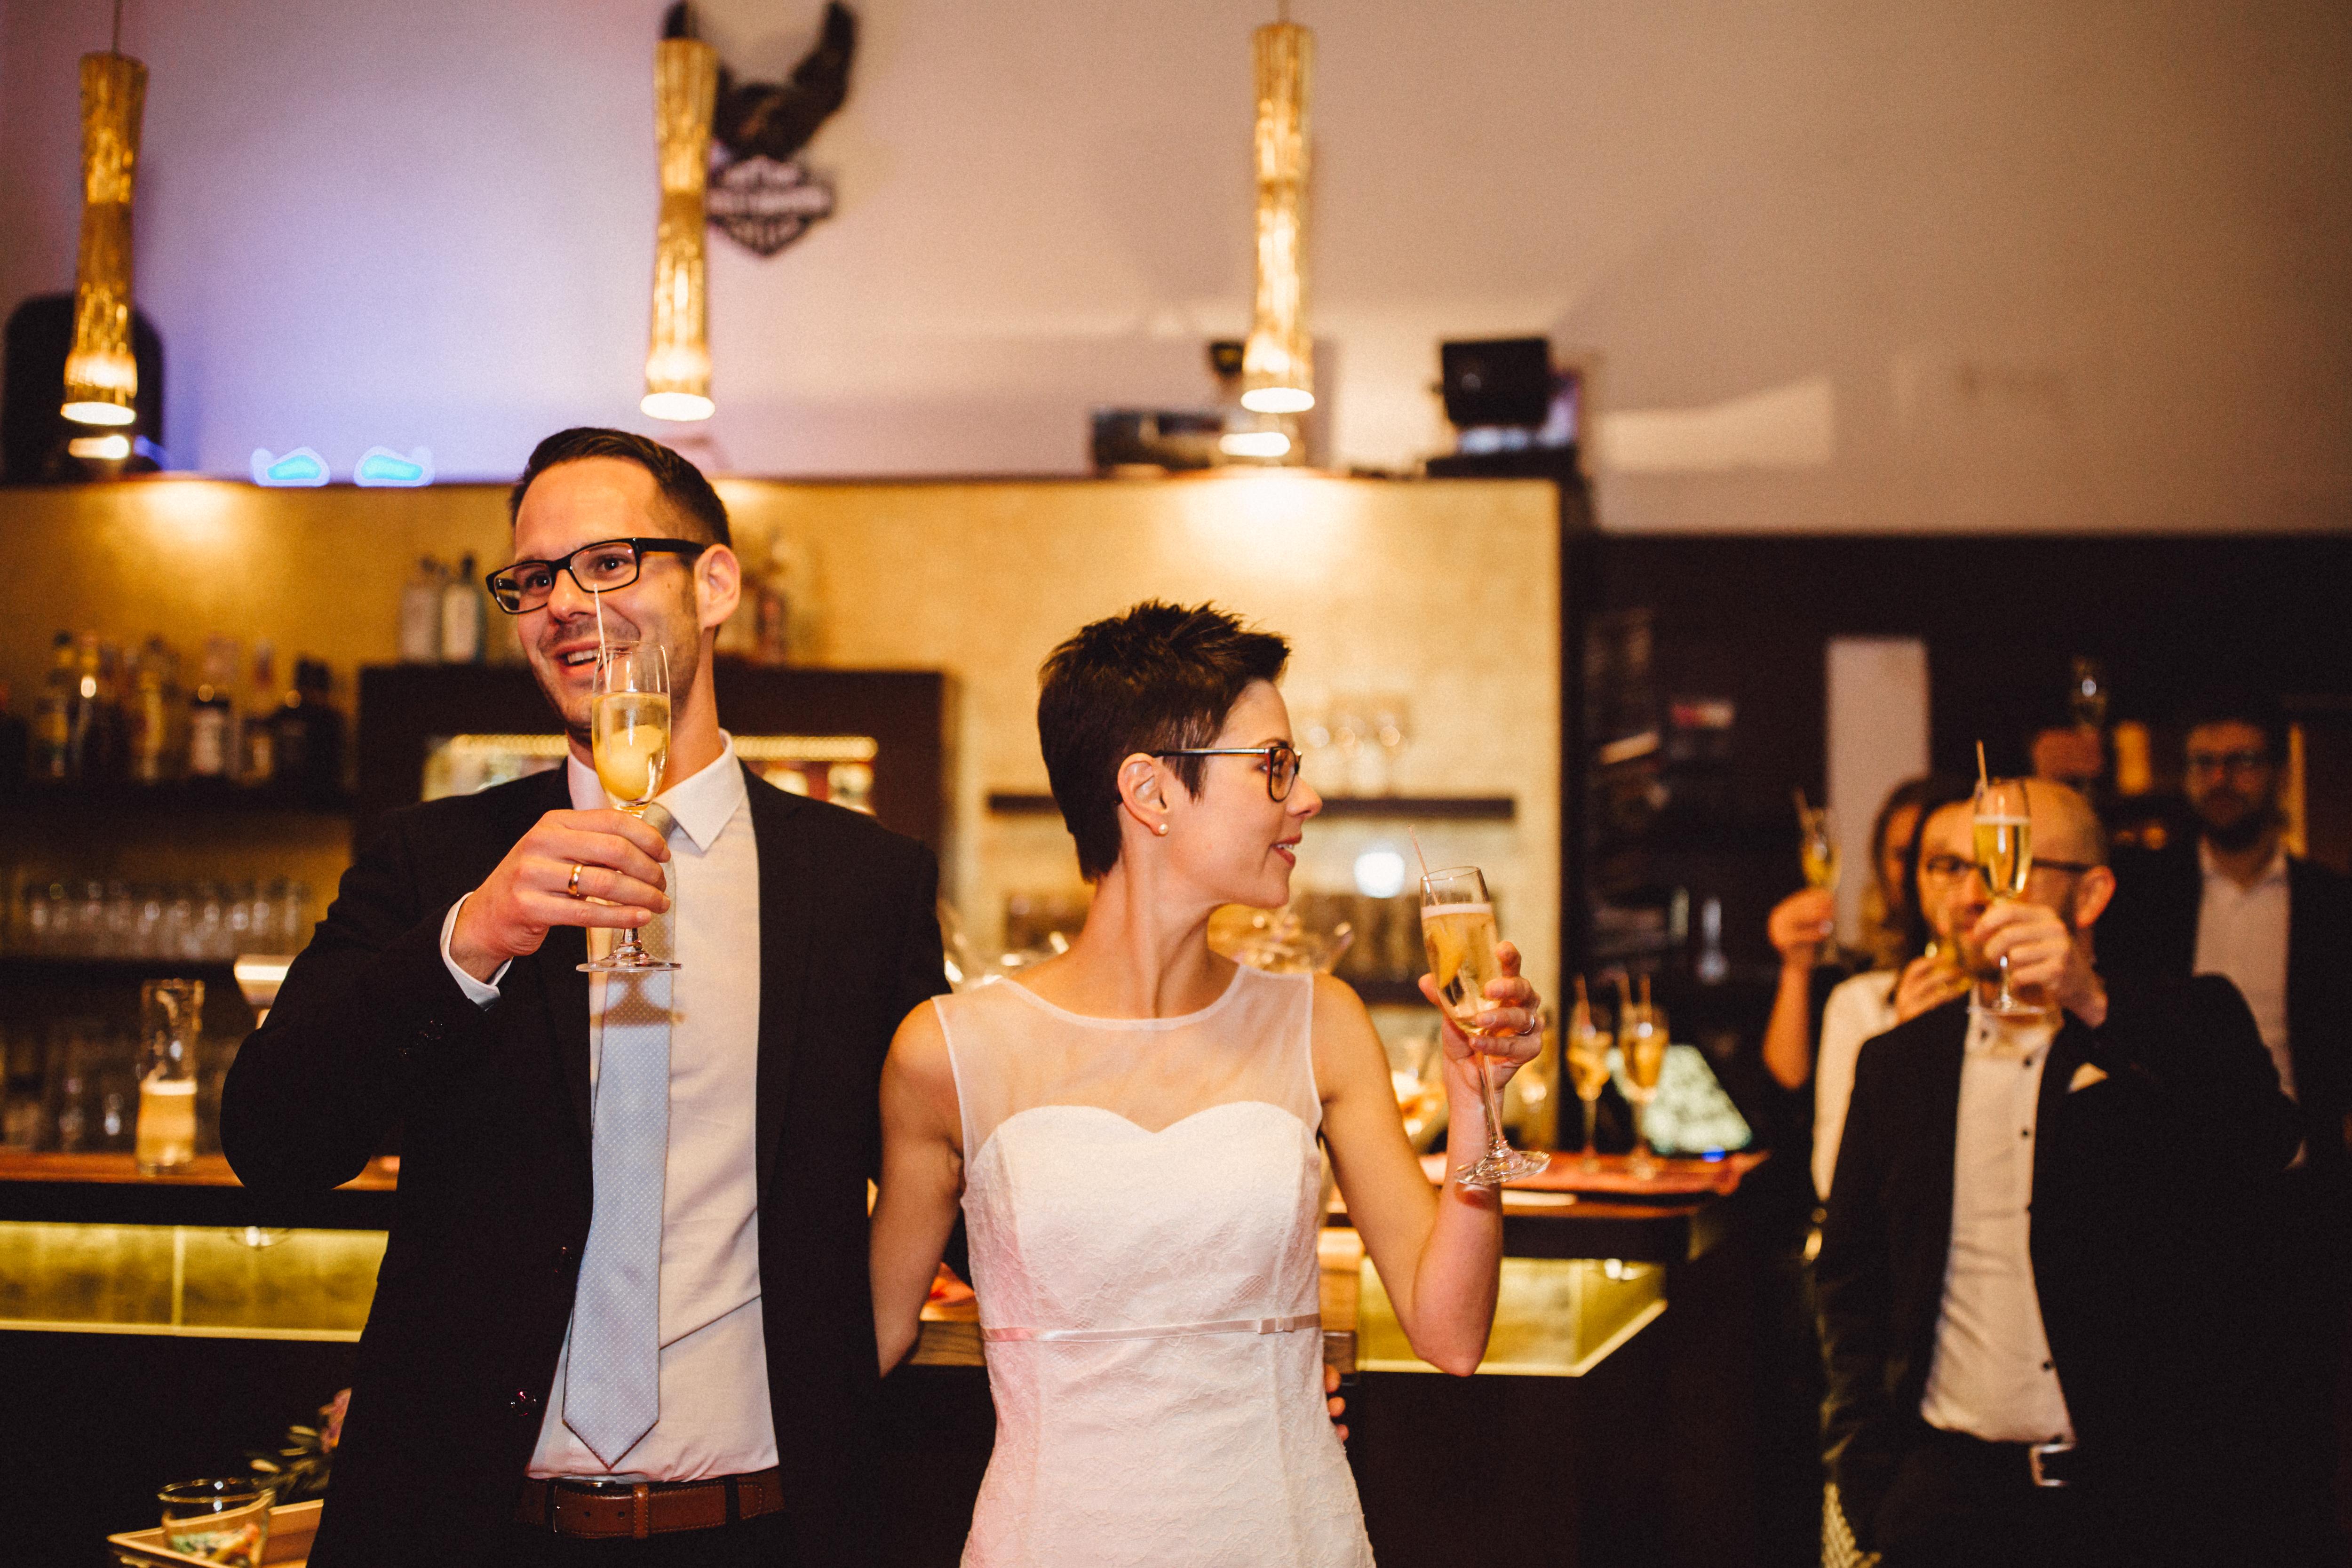 URBANERIE_Daniela_Goth_Hochzeitsfotografin_Nürnberg_Fürth_Erlangen_Schwabach_171028_0266